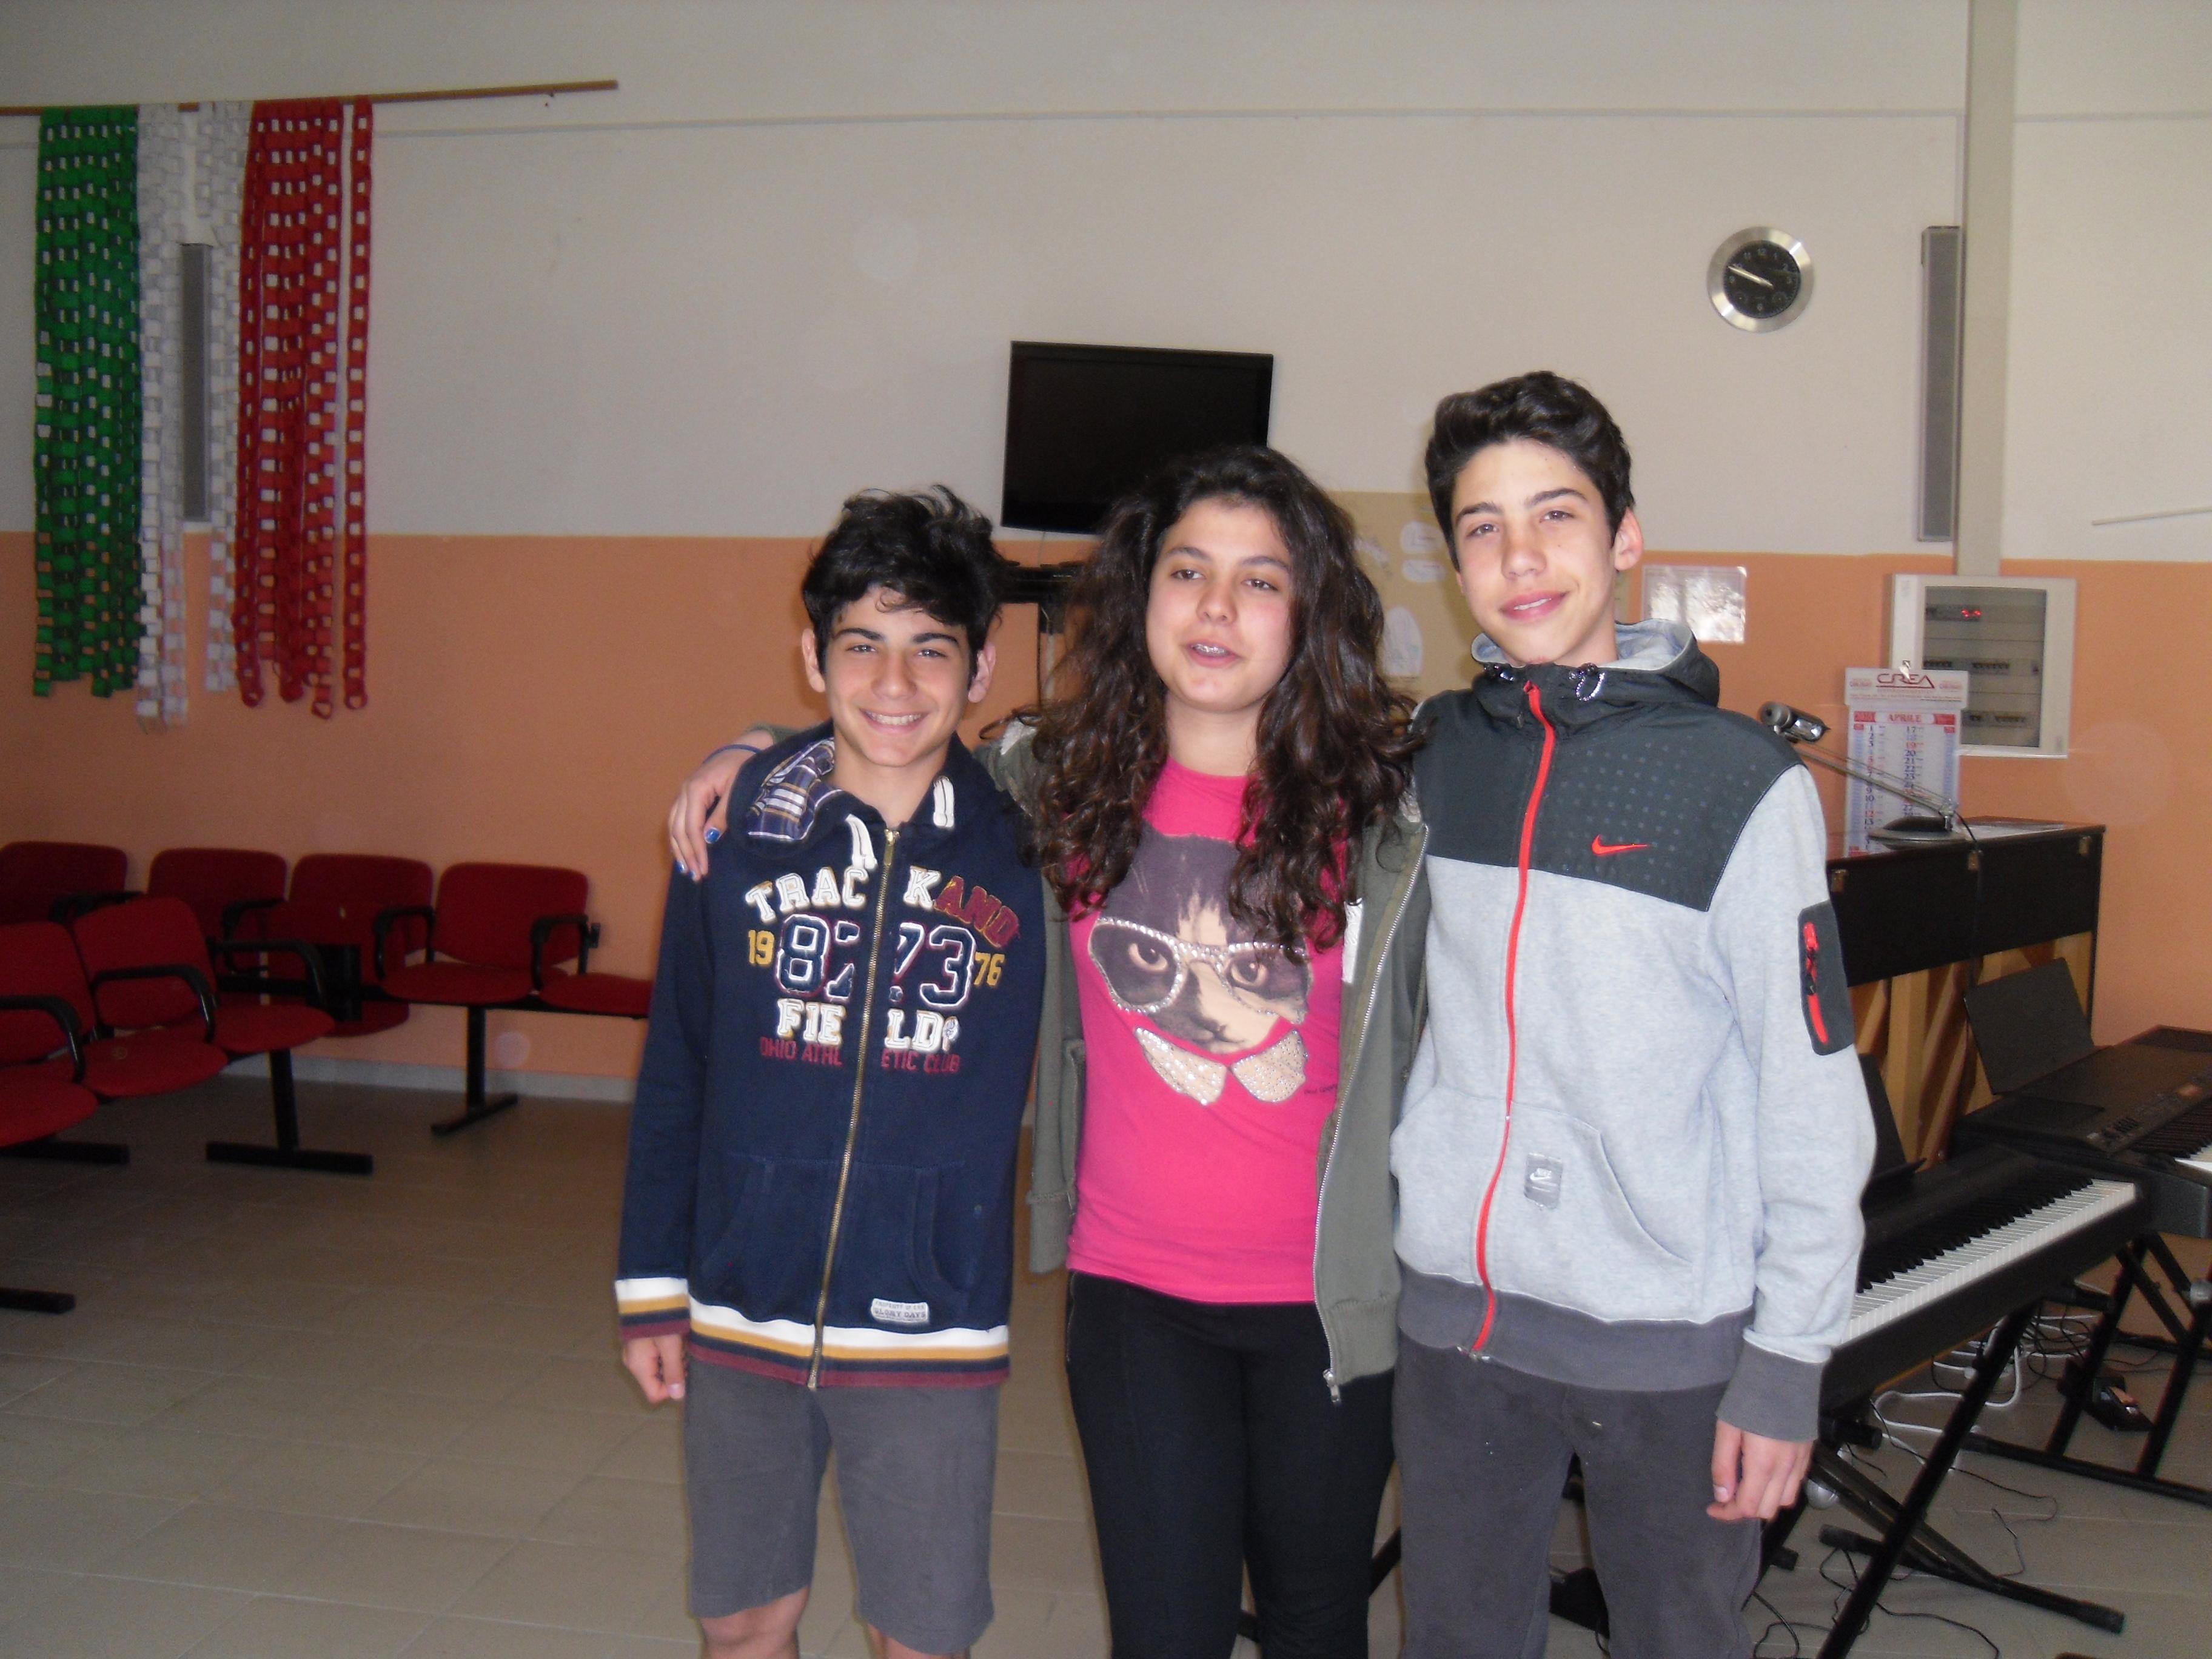 Campionati Internazionali dei giochi matematici